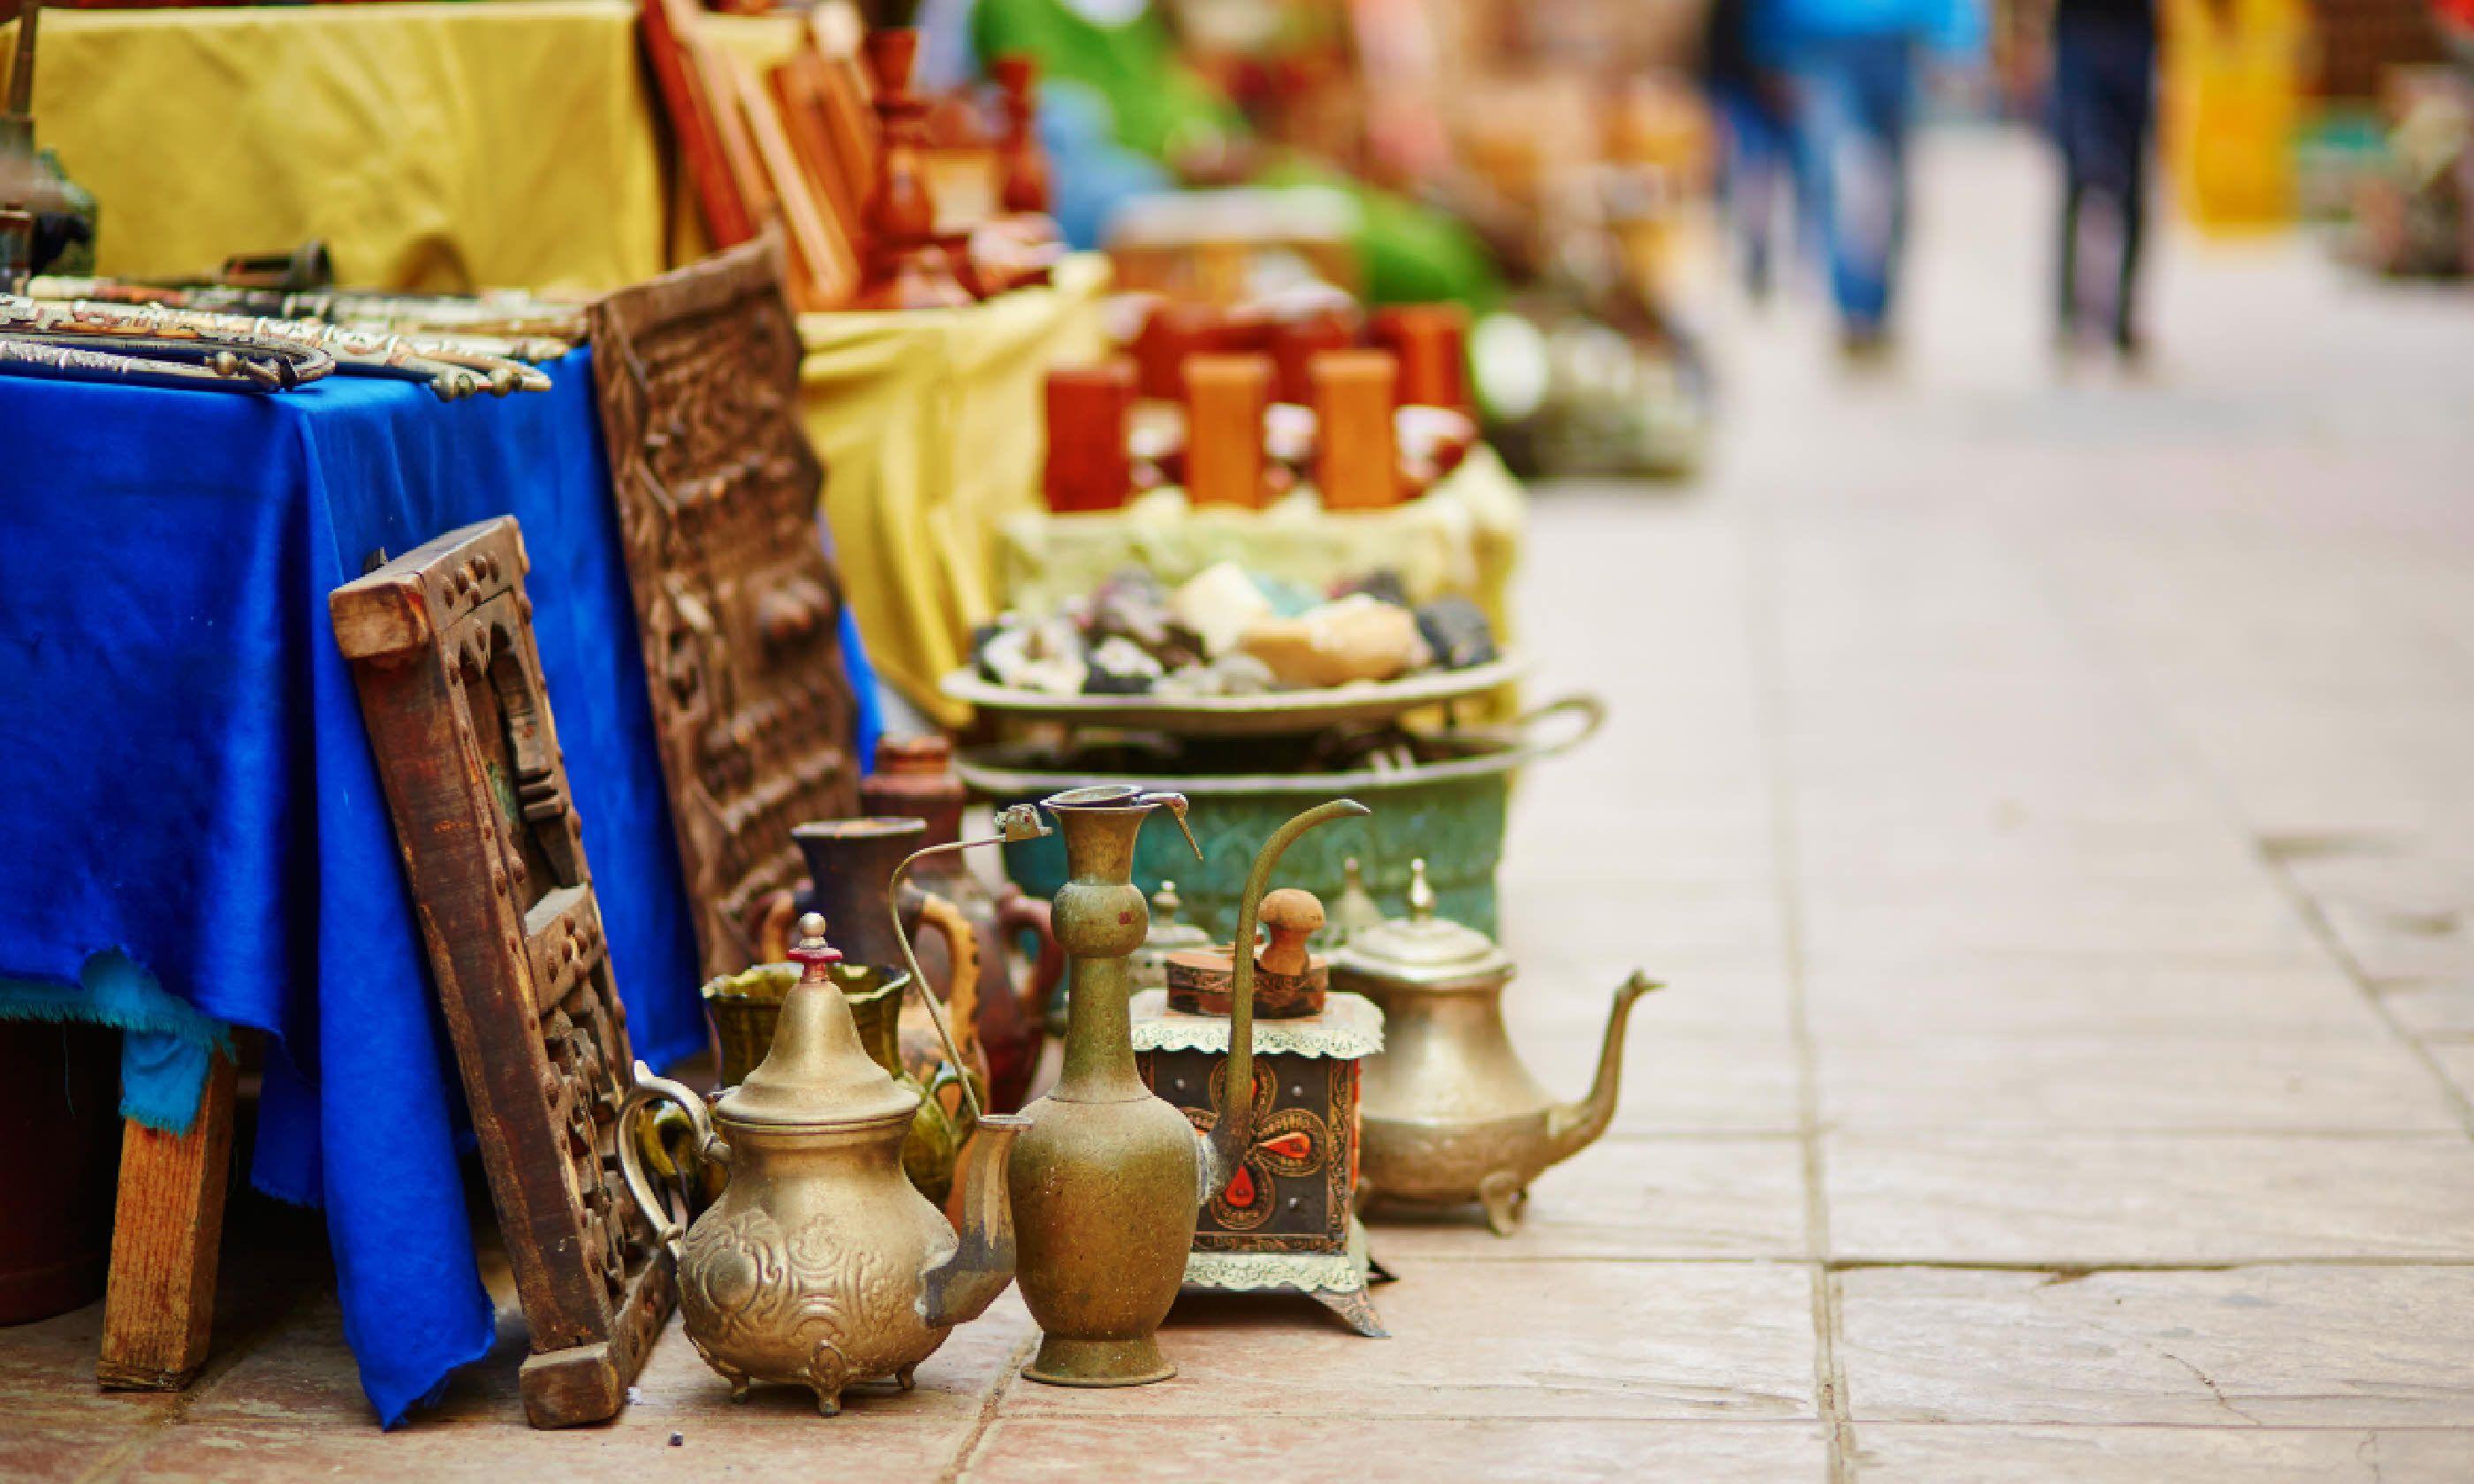 Souk in Essaouira, Morocco (Shutterstock)